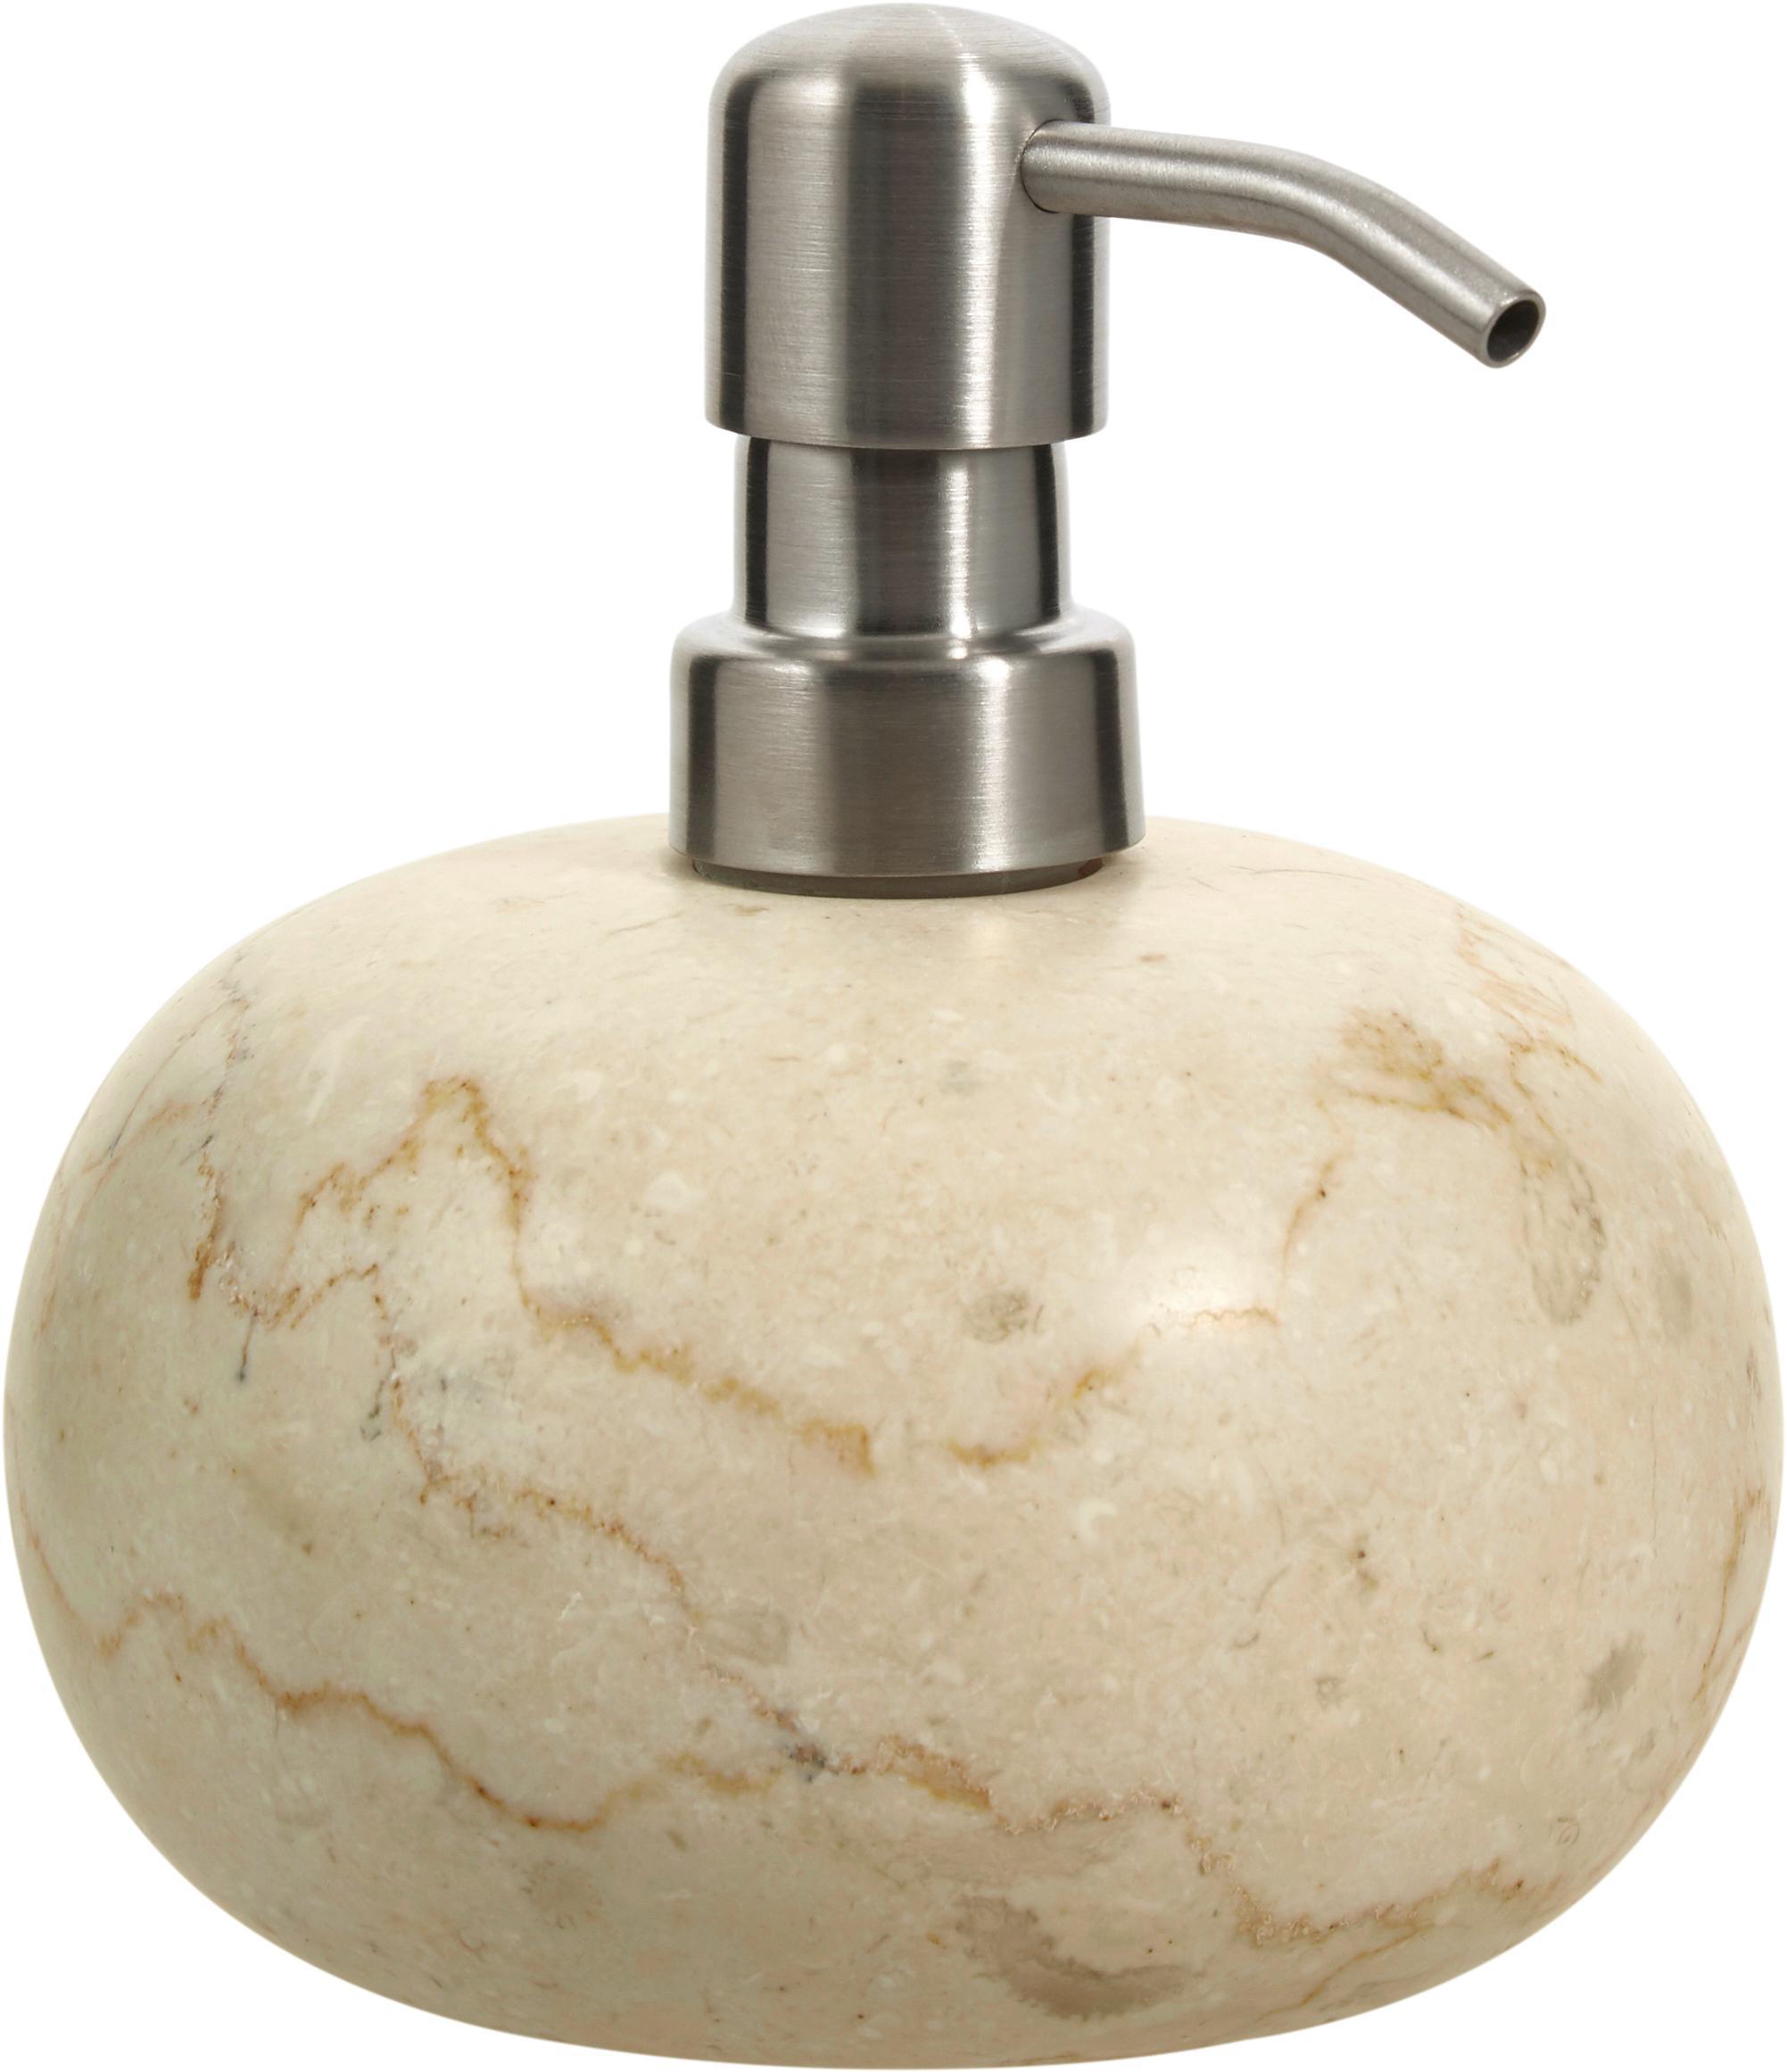 Marmoeren zeepdispenser Luxor, Beige, staalkleurig, Ø 12 x H 13 cm